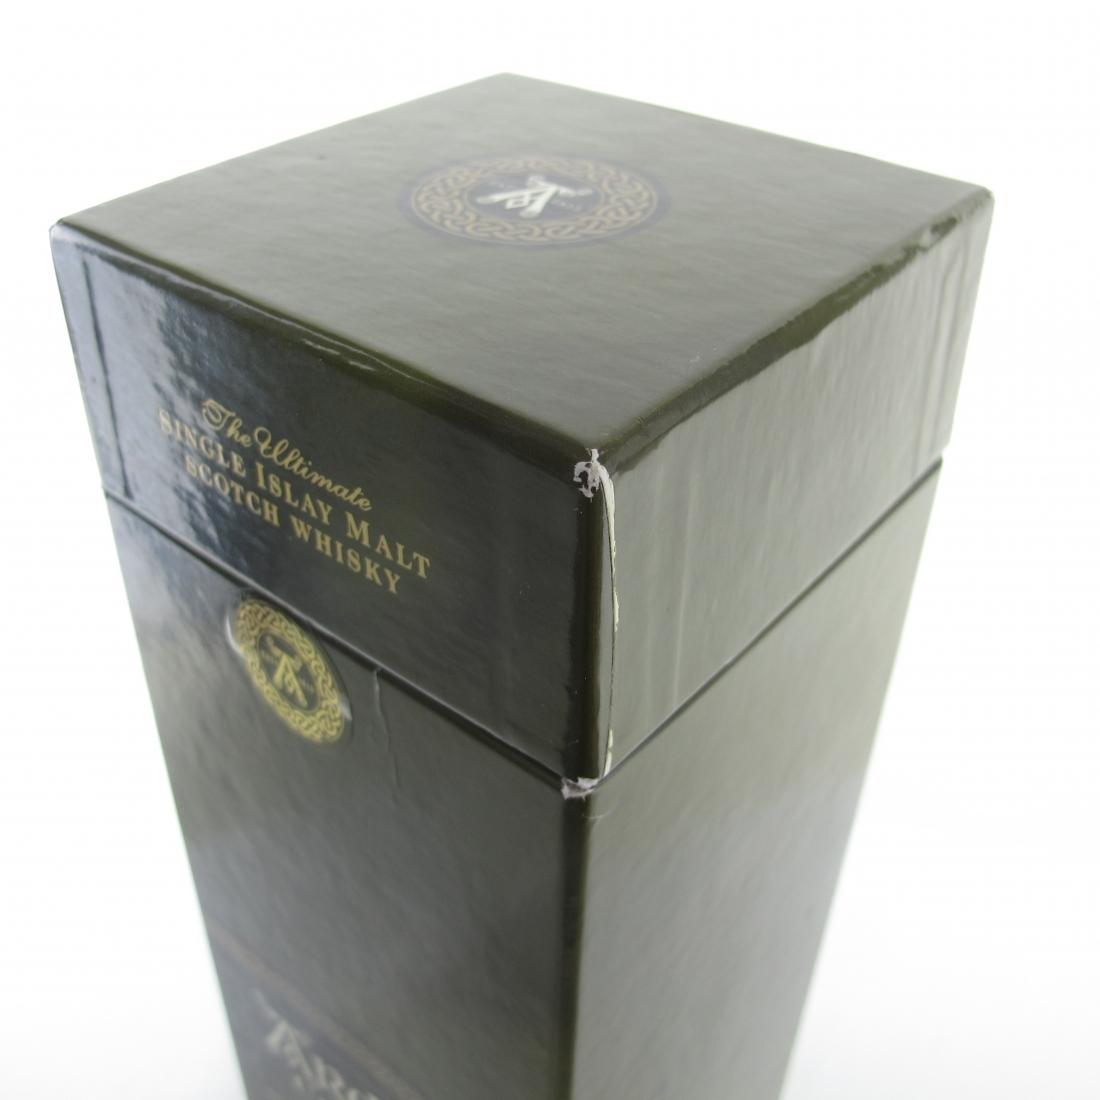 Ardbeg Uigedail 2004 Release